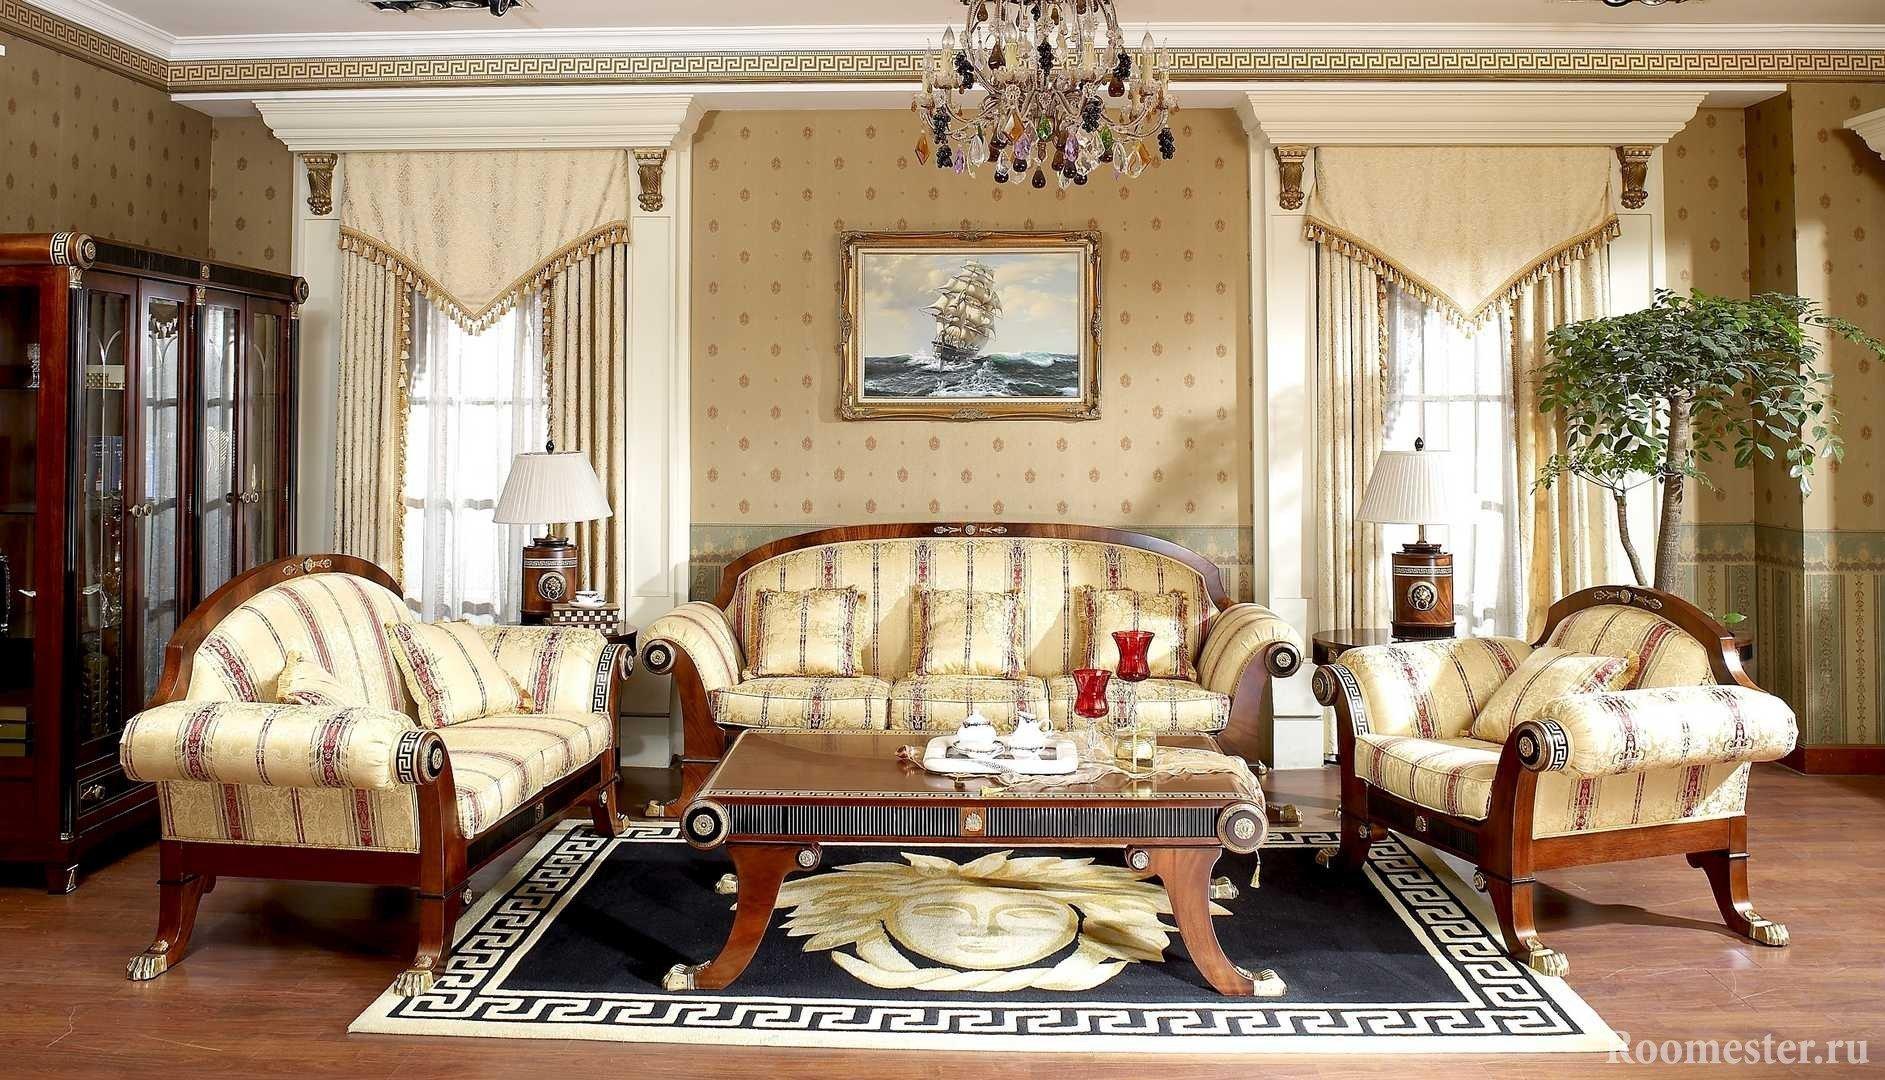 Шикарная мягкая мебель и столик в гостиной